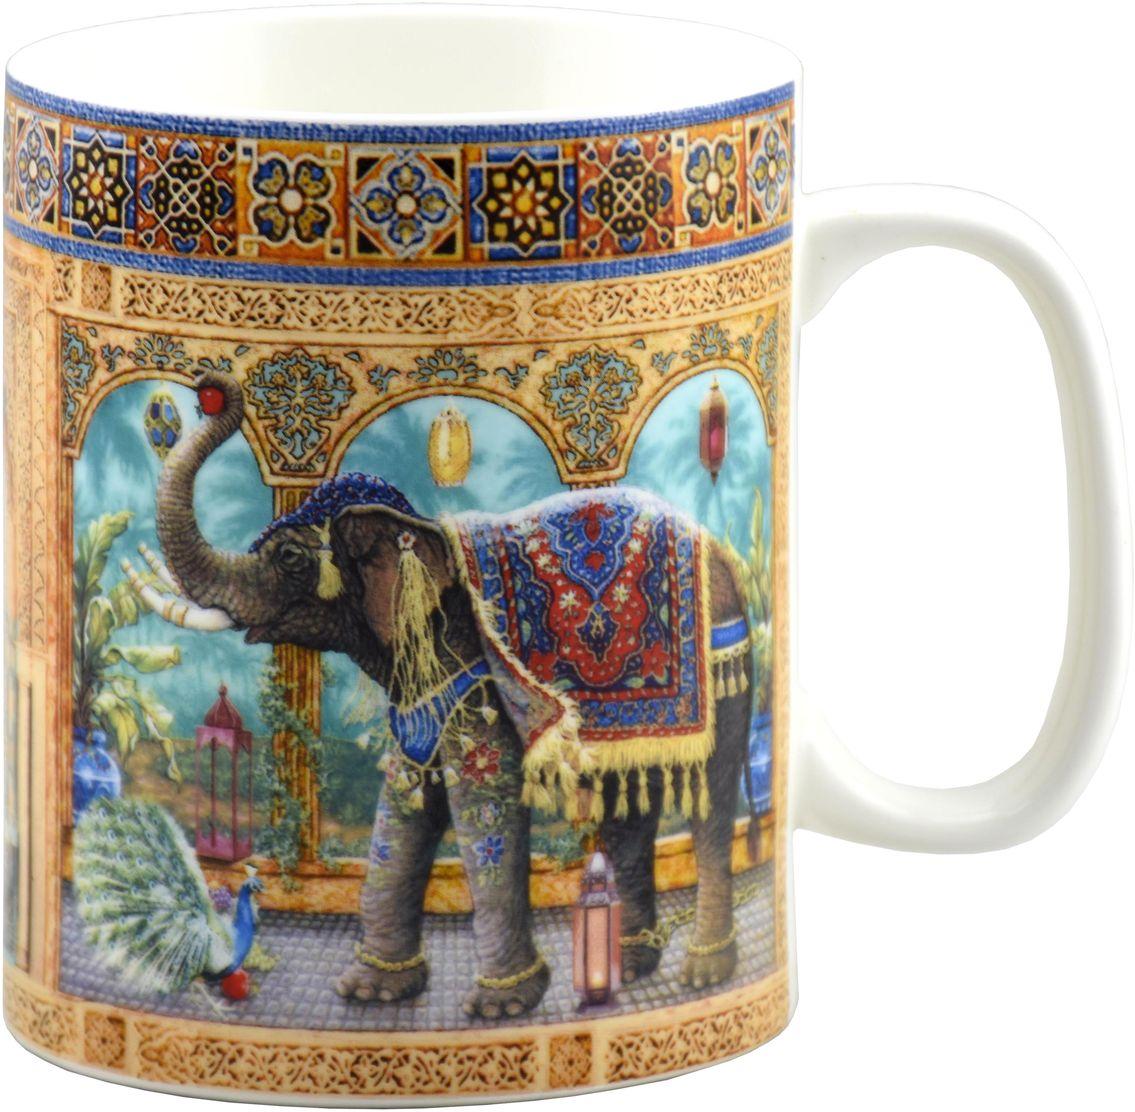 Кружка GiftnHome Marrakesh, 700 мл115510Кружка из костяного фарфора, в подарочной упаковке